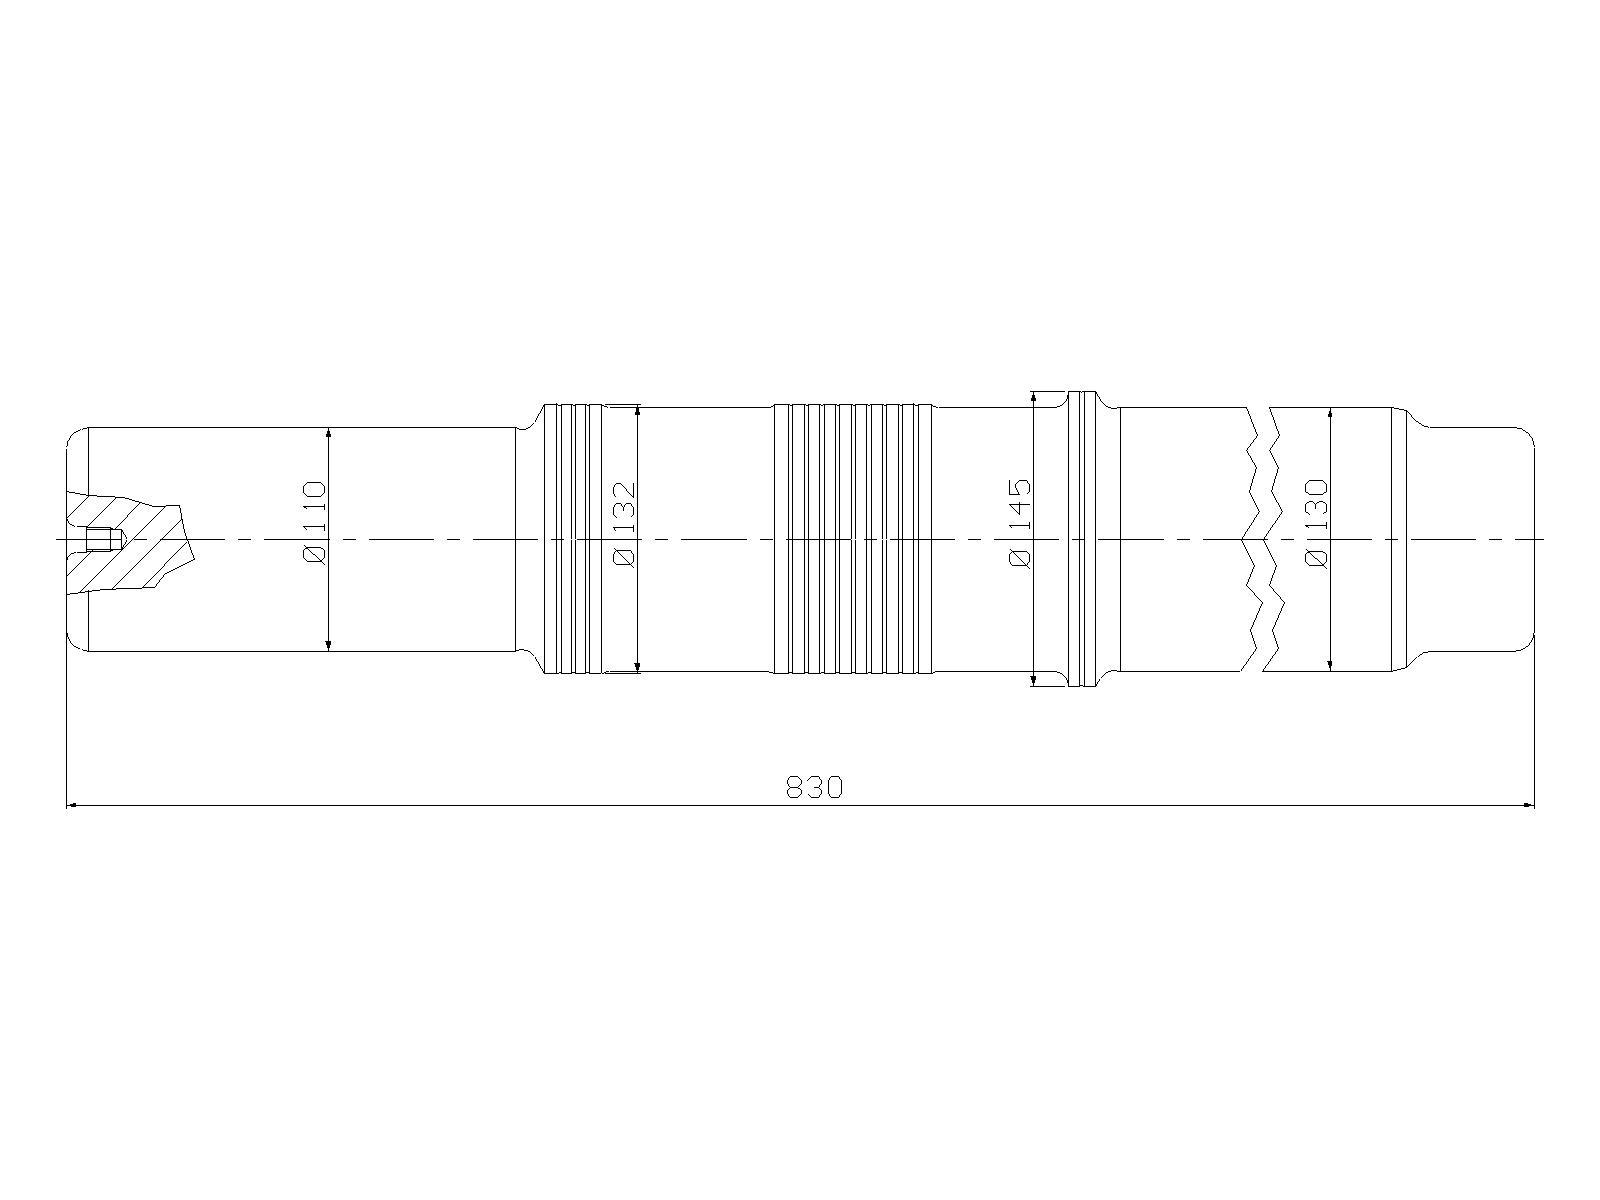 Piston, ATLAS COPCO, TEX 2000 H, hydraulic hammer, spare parts